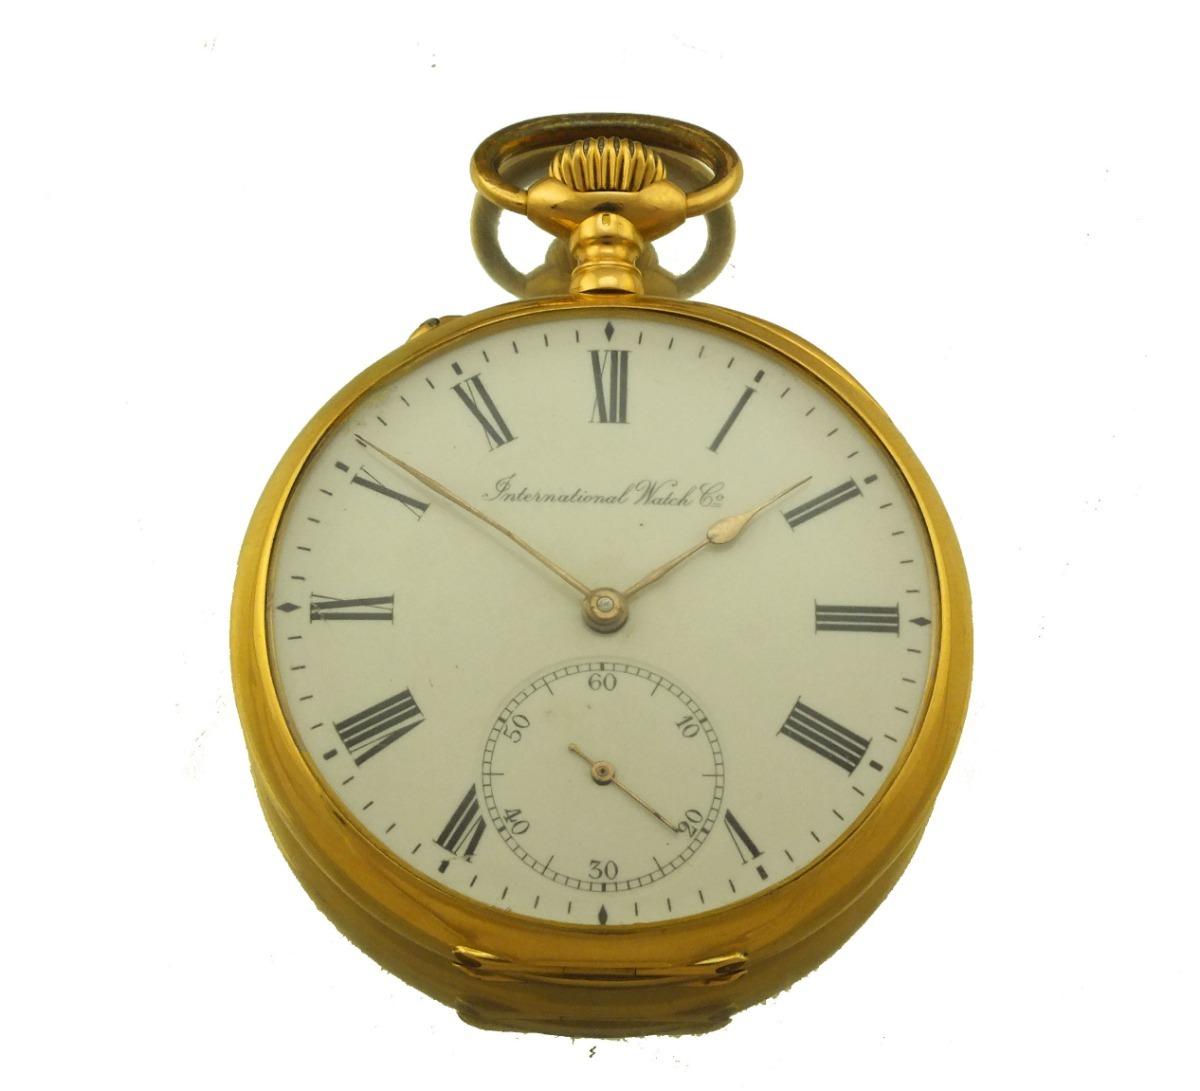 1c56d622f12 relógio de bolso international watch em ouro 18k j17916. Carregando zoom.